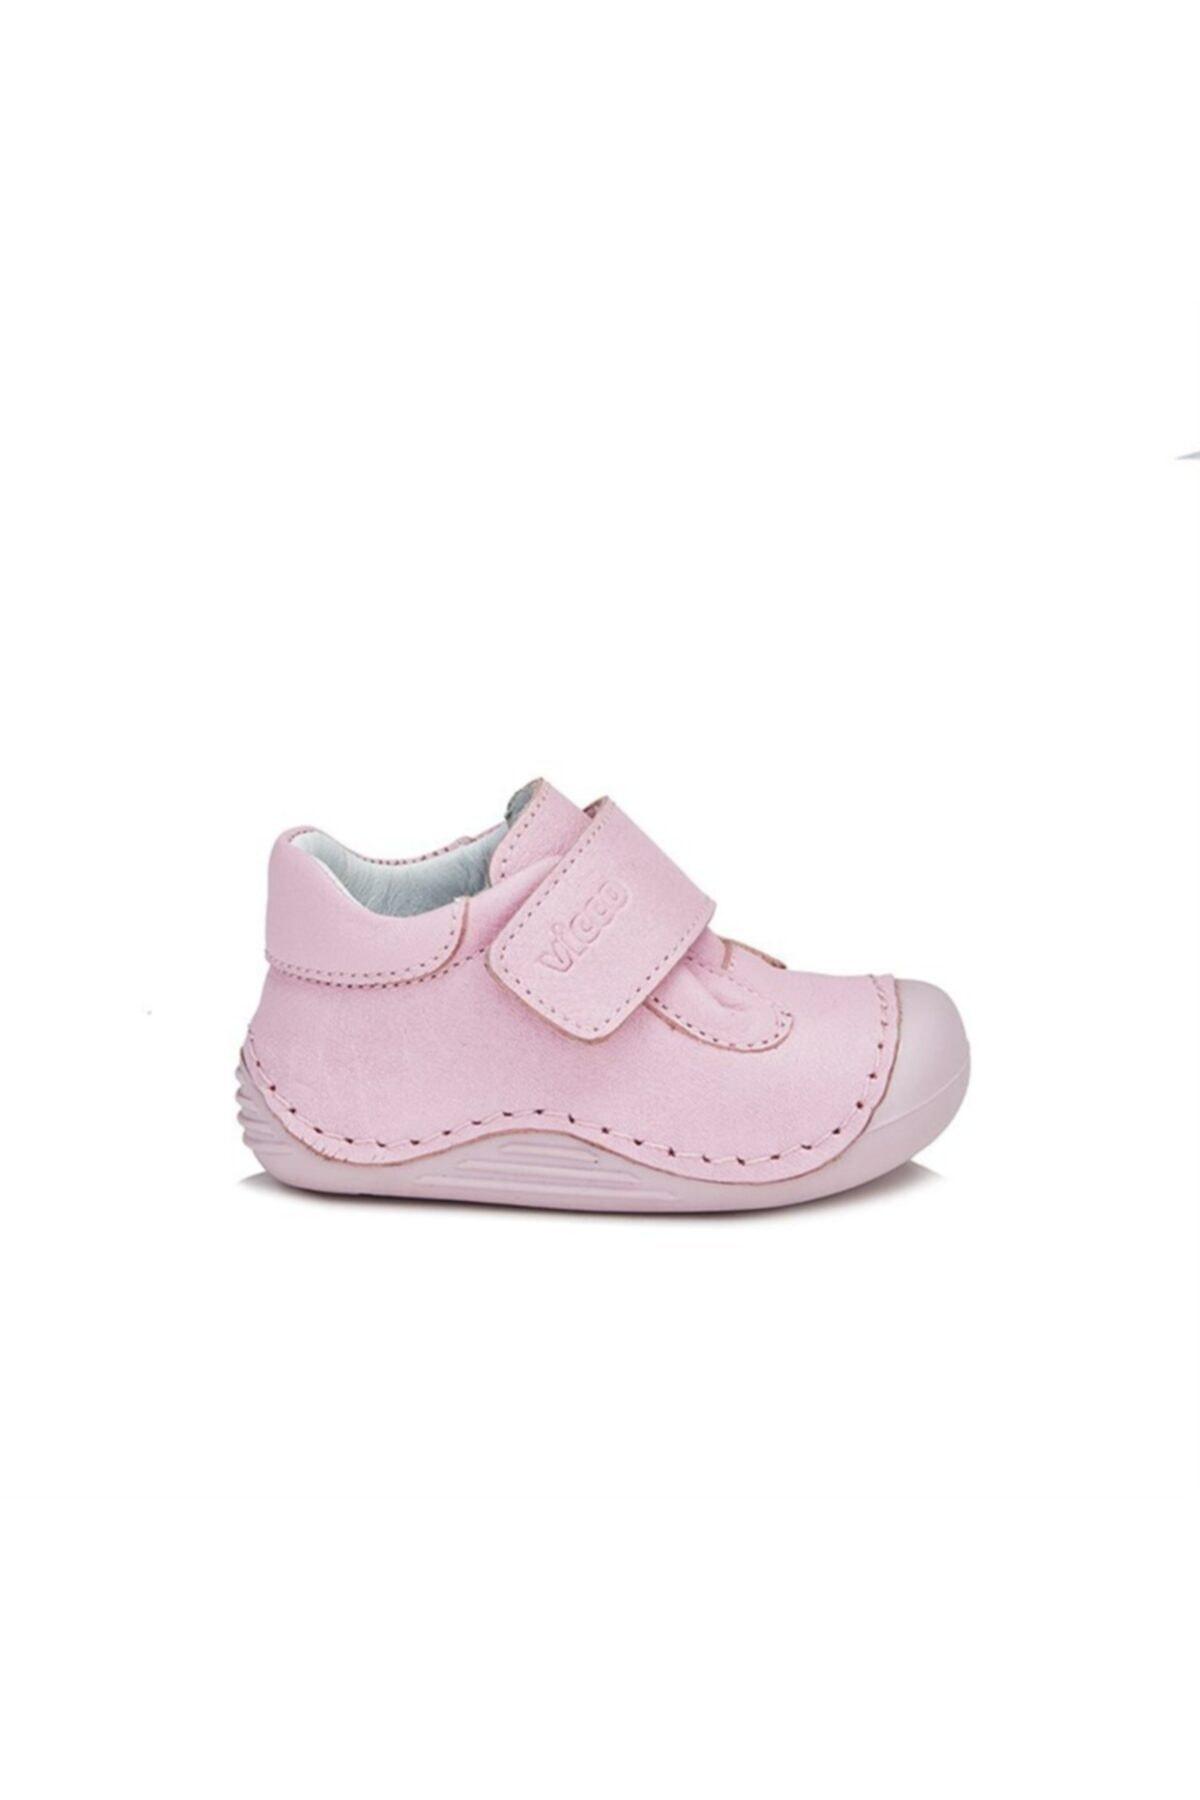 Vicco 918.e20y.001 Beyaz Deri Unisexçocuk Ayakkabı 2